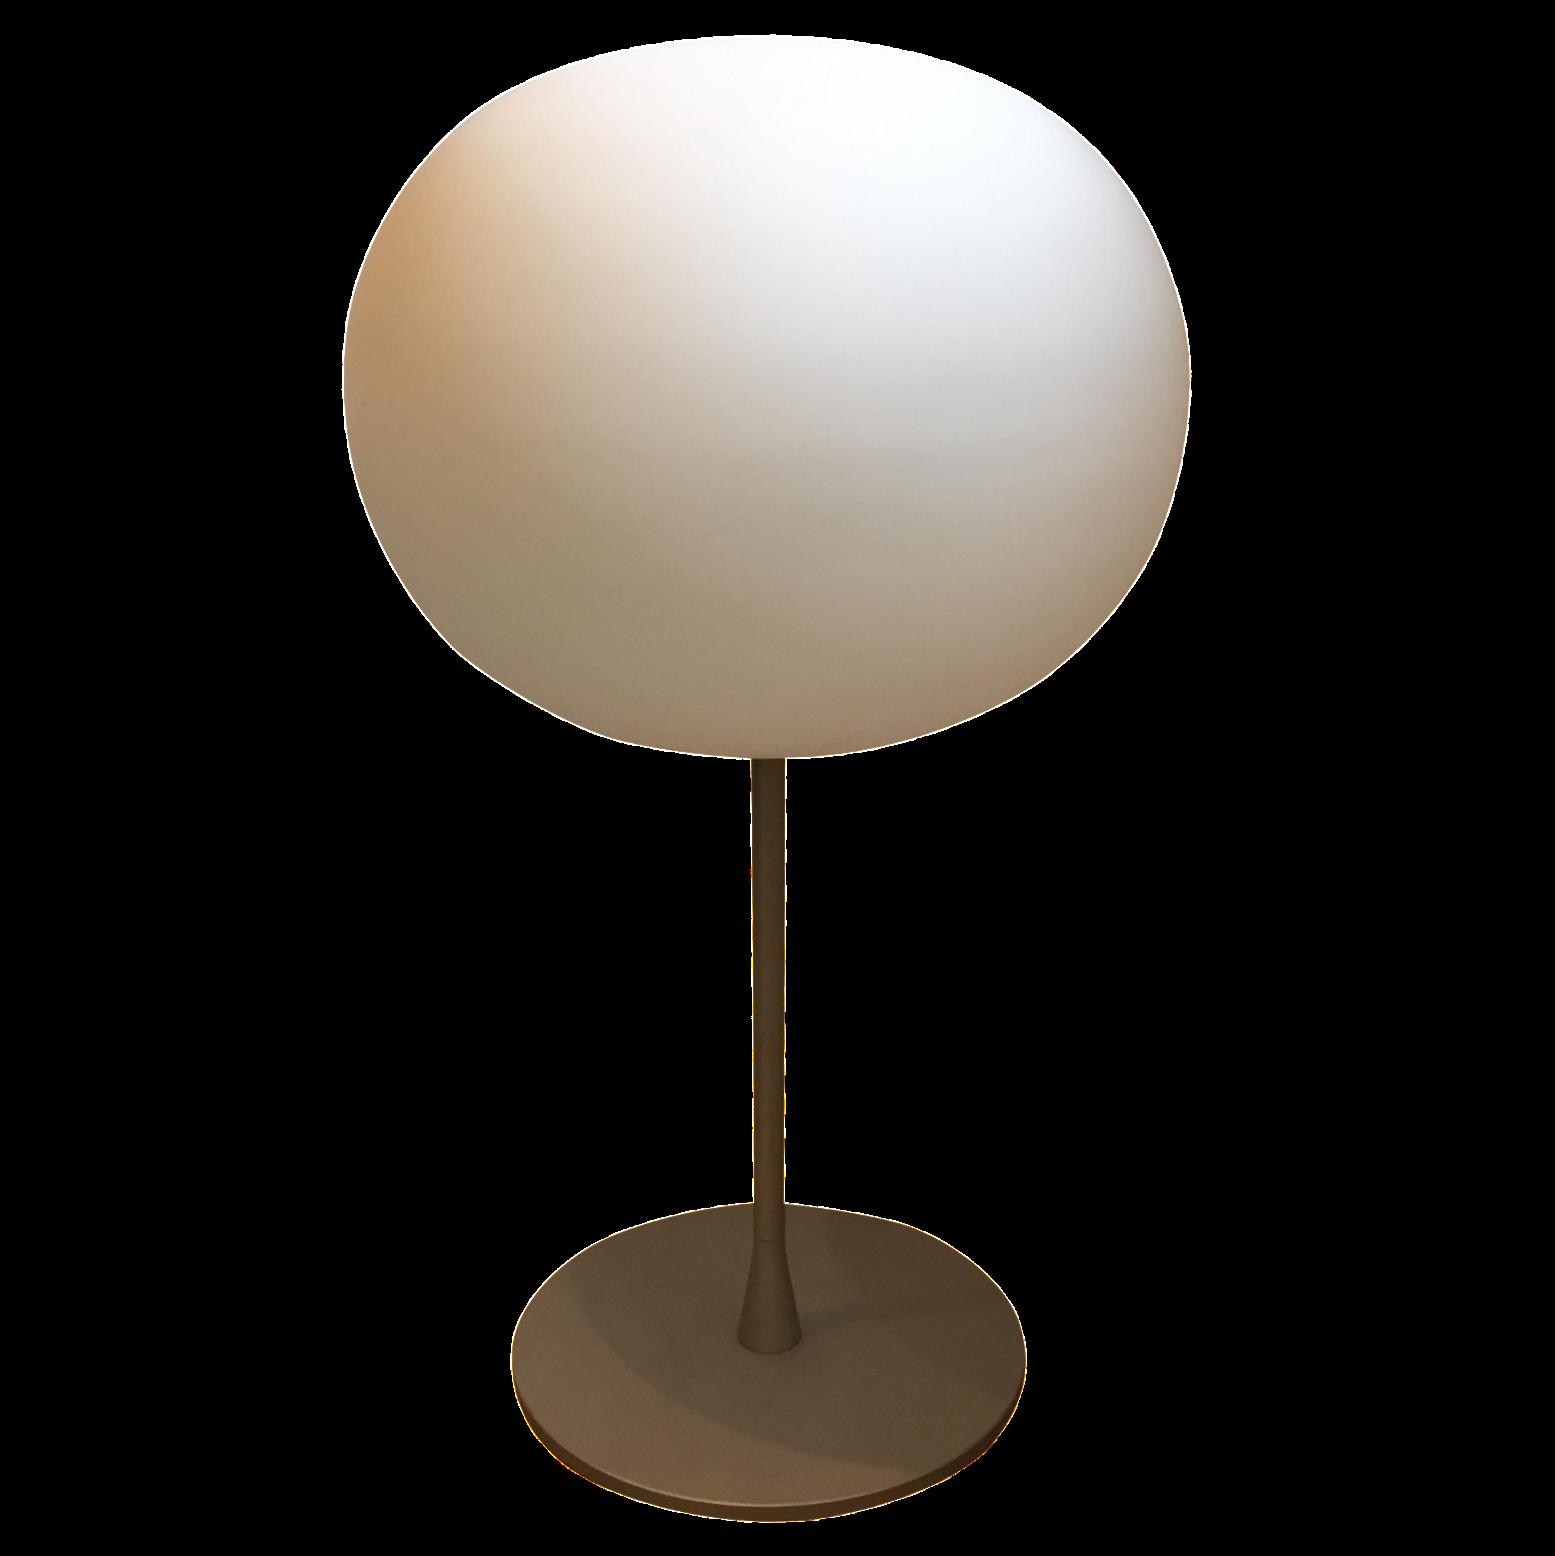 jasper-morrison-for-flos-glo-ball-t2-lamp-4100 Elegantes Flos Glo Ball S Dekorationen